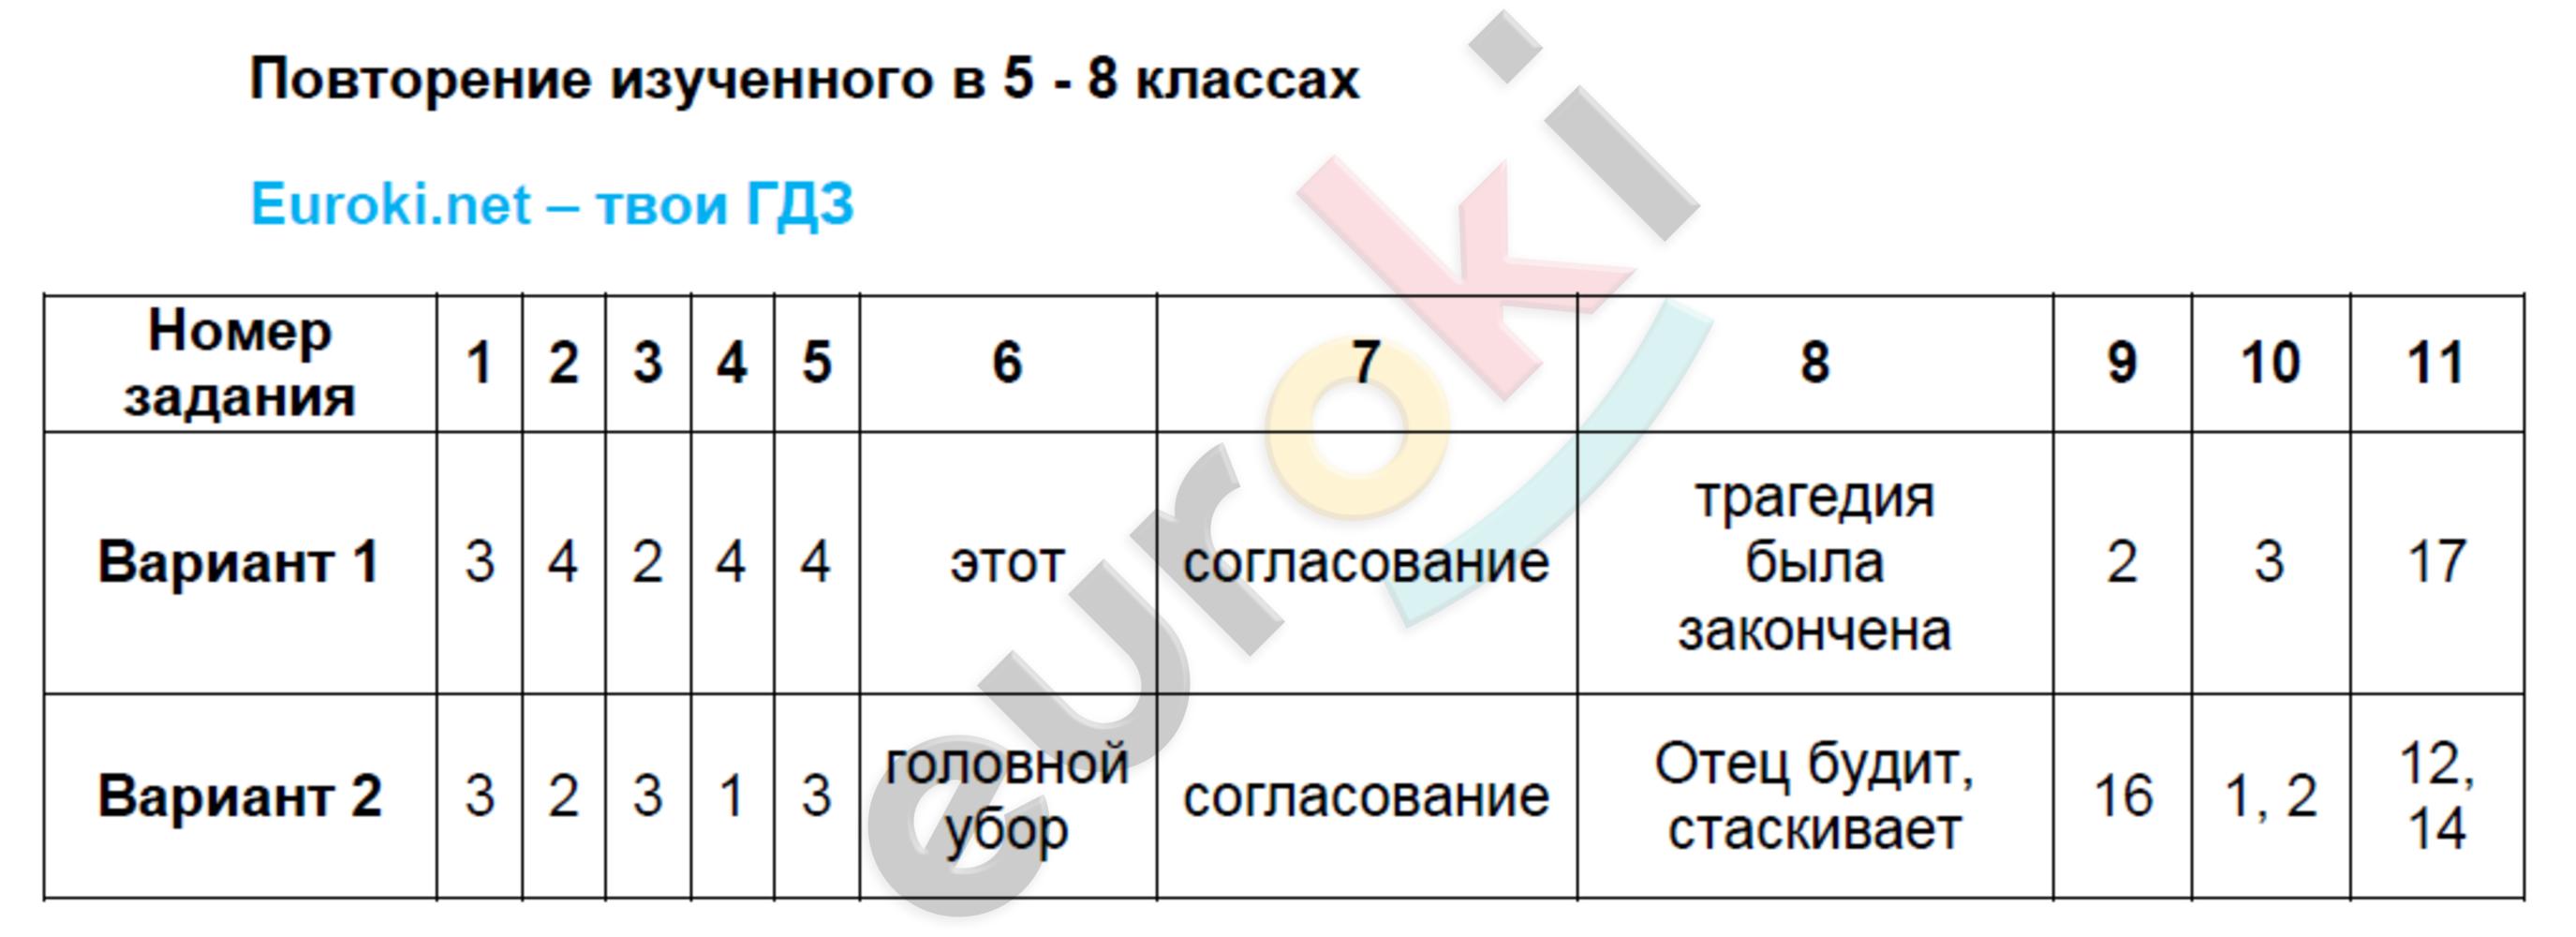 ГДЗ по русскому языку 9 класс тесты Груздева, Разумовская Экзамен ответы и решения онлайн. Задание: Повторение изученного в 5 - 8 классах